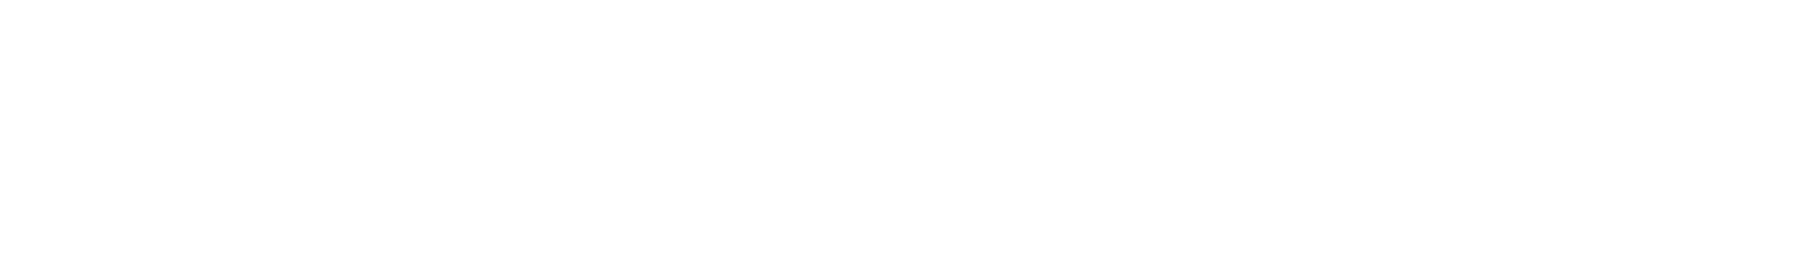 blbc jazzyripper 110 d